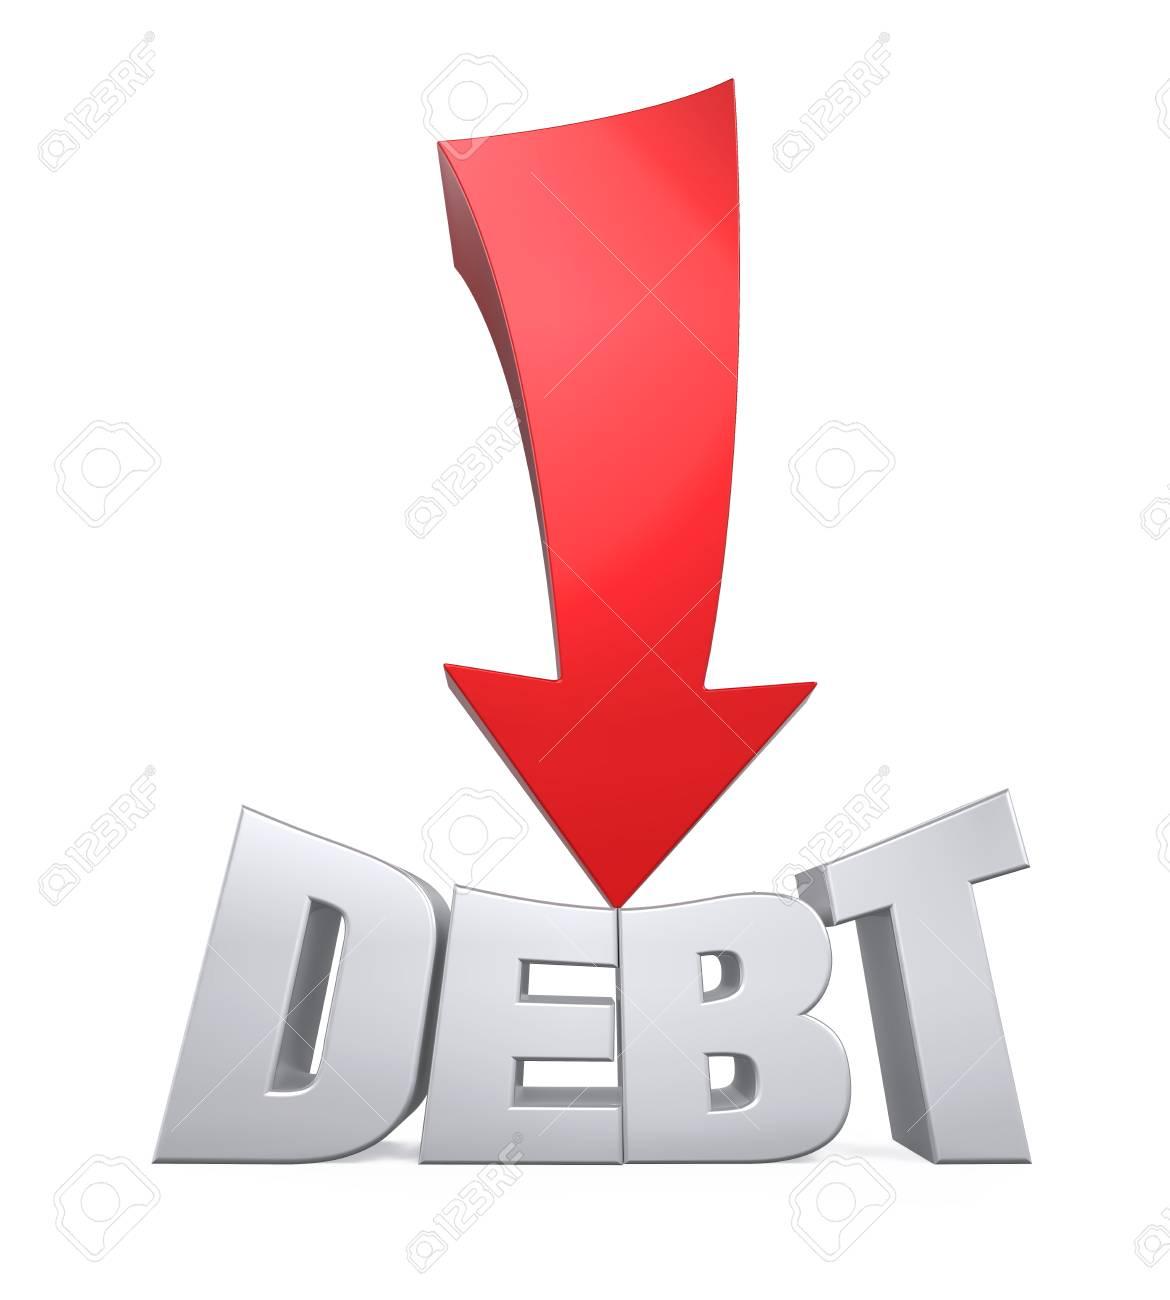 債務削減の概念 ロイヤリティー...